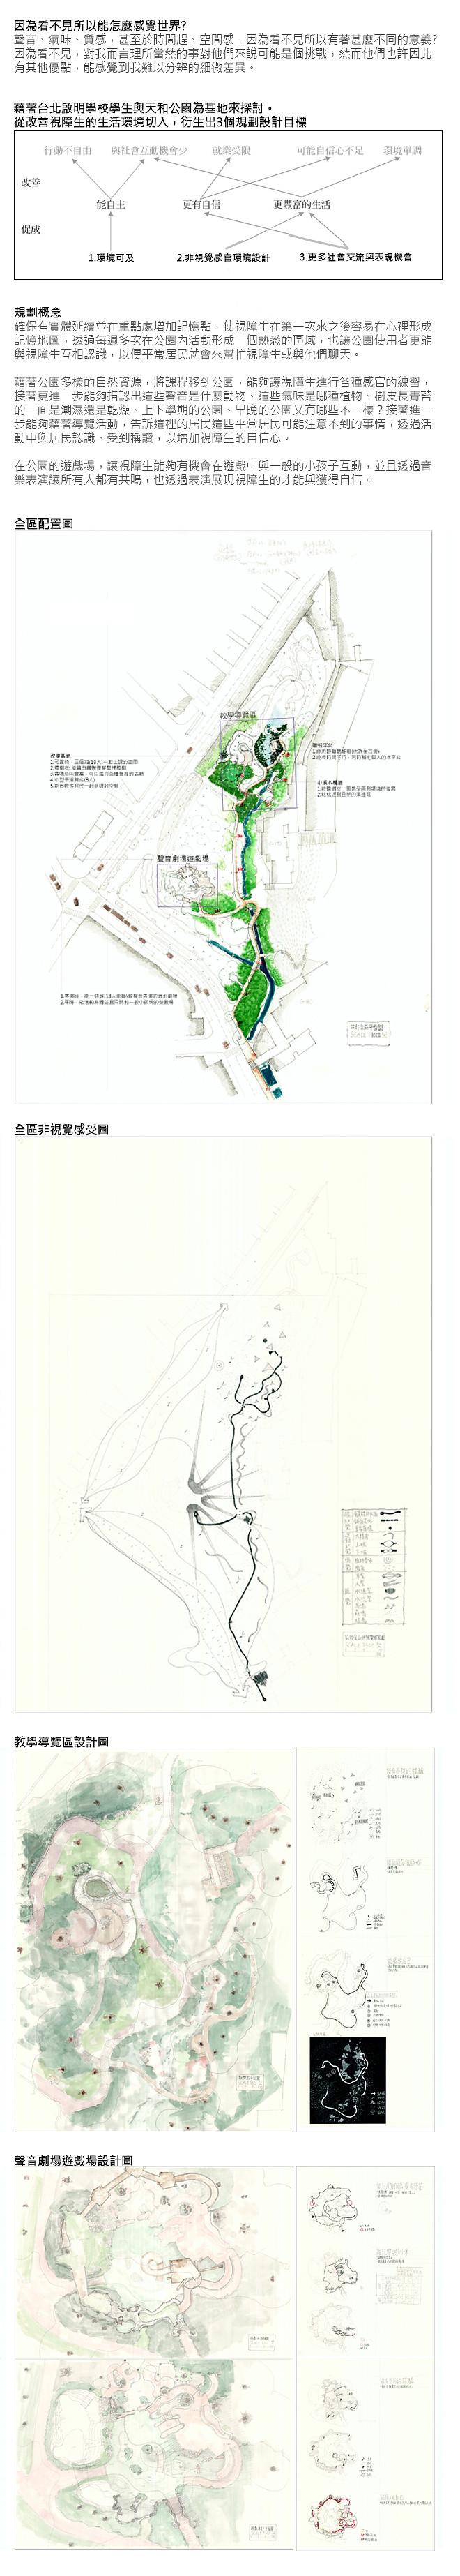 中原_8作品內文.jpg